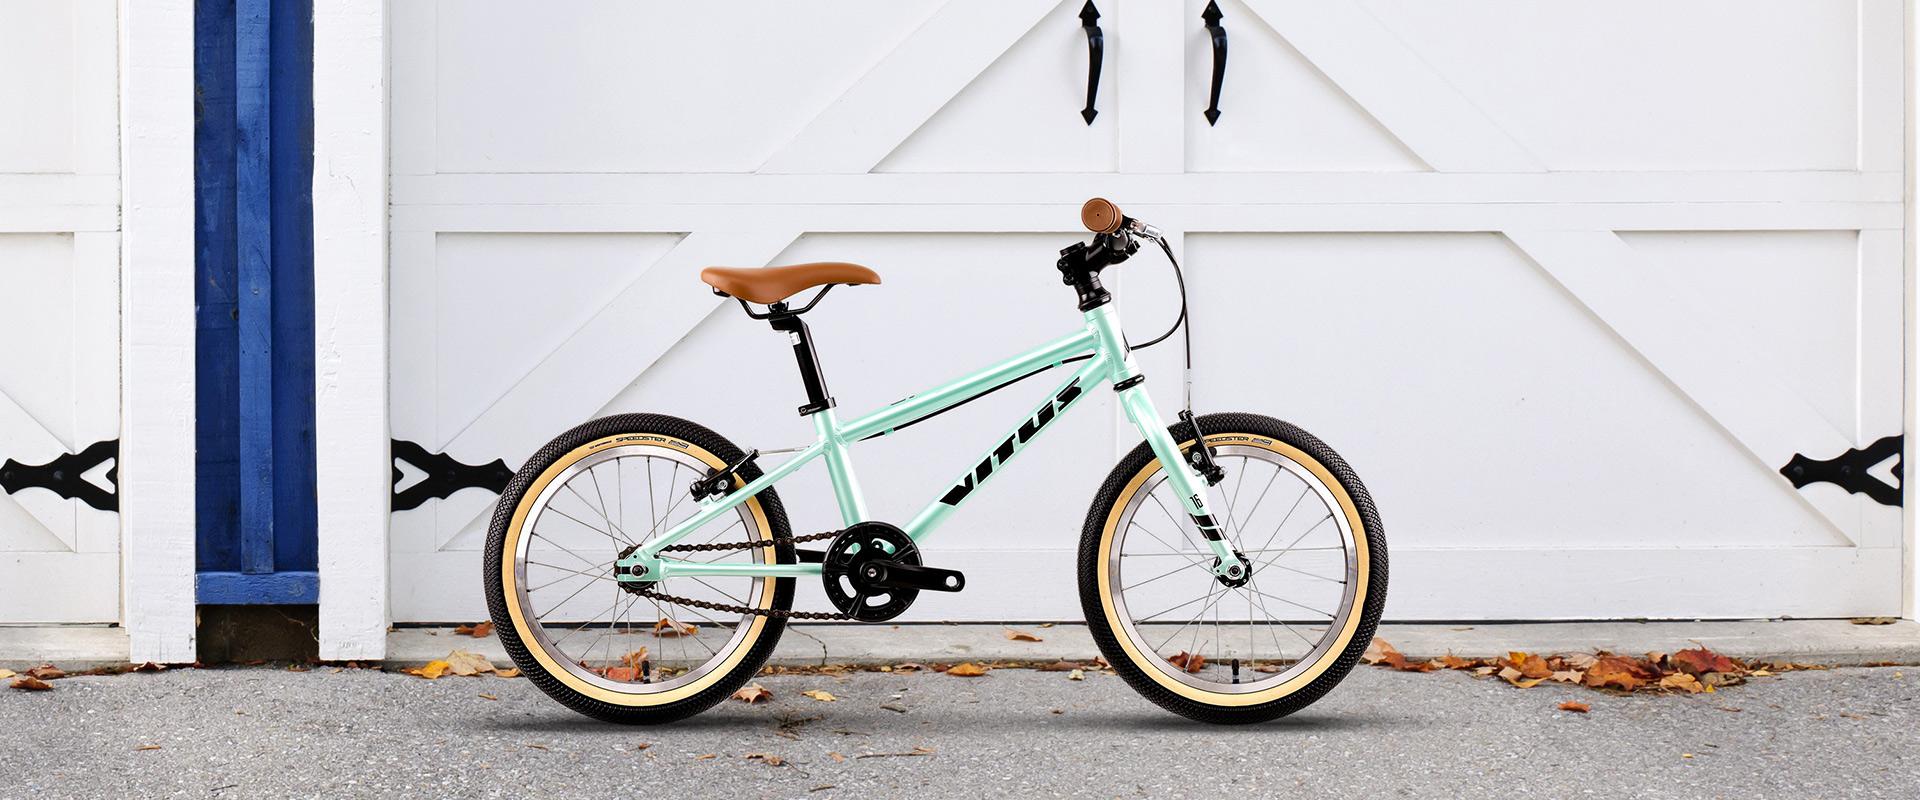 16 Kids Bike